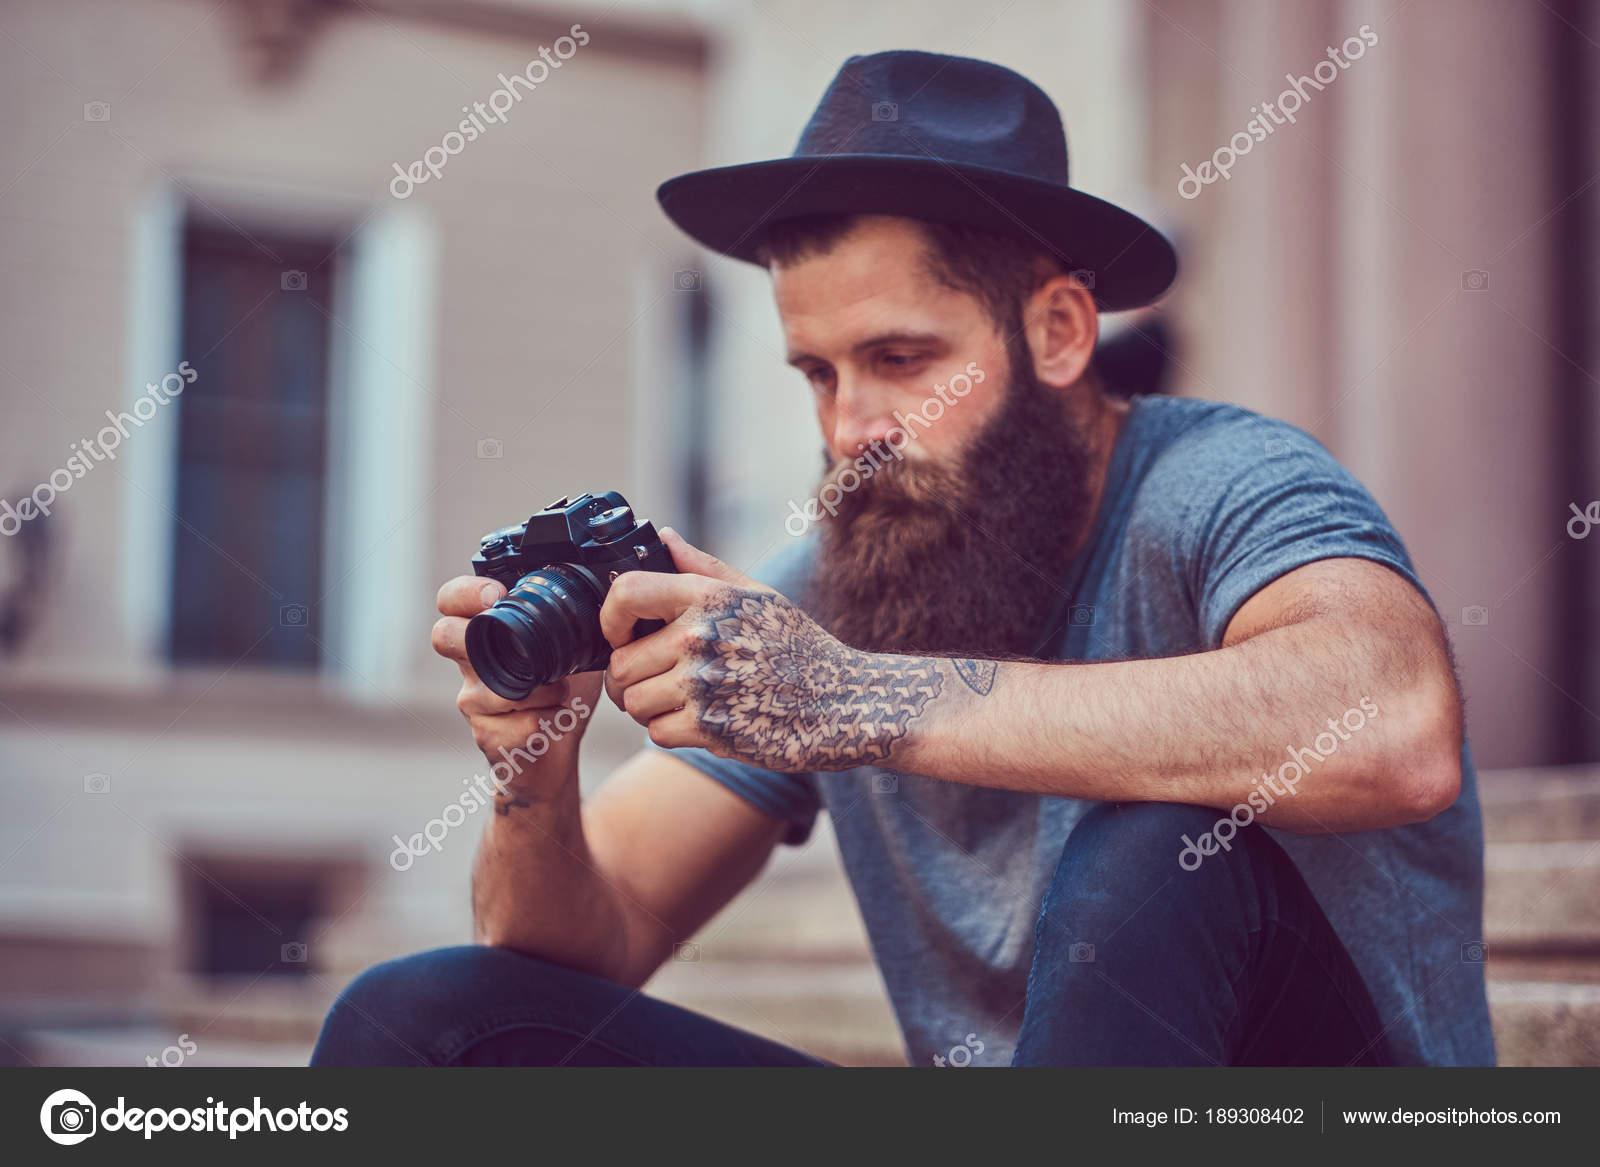 Hombre guapo hipster con una elegante barba y tatuajes en los brazos  vestido con ropa casual y sombrero tiene una cámara b9b457a12fb